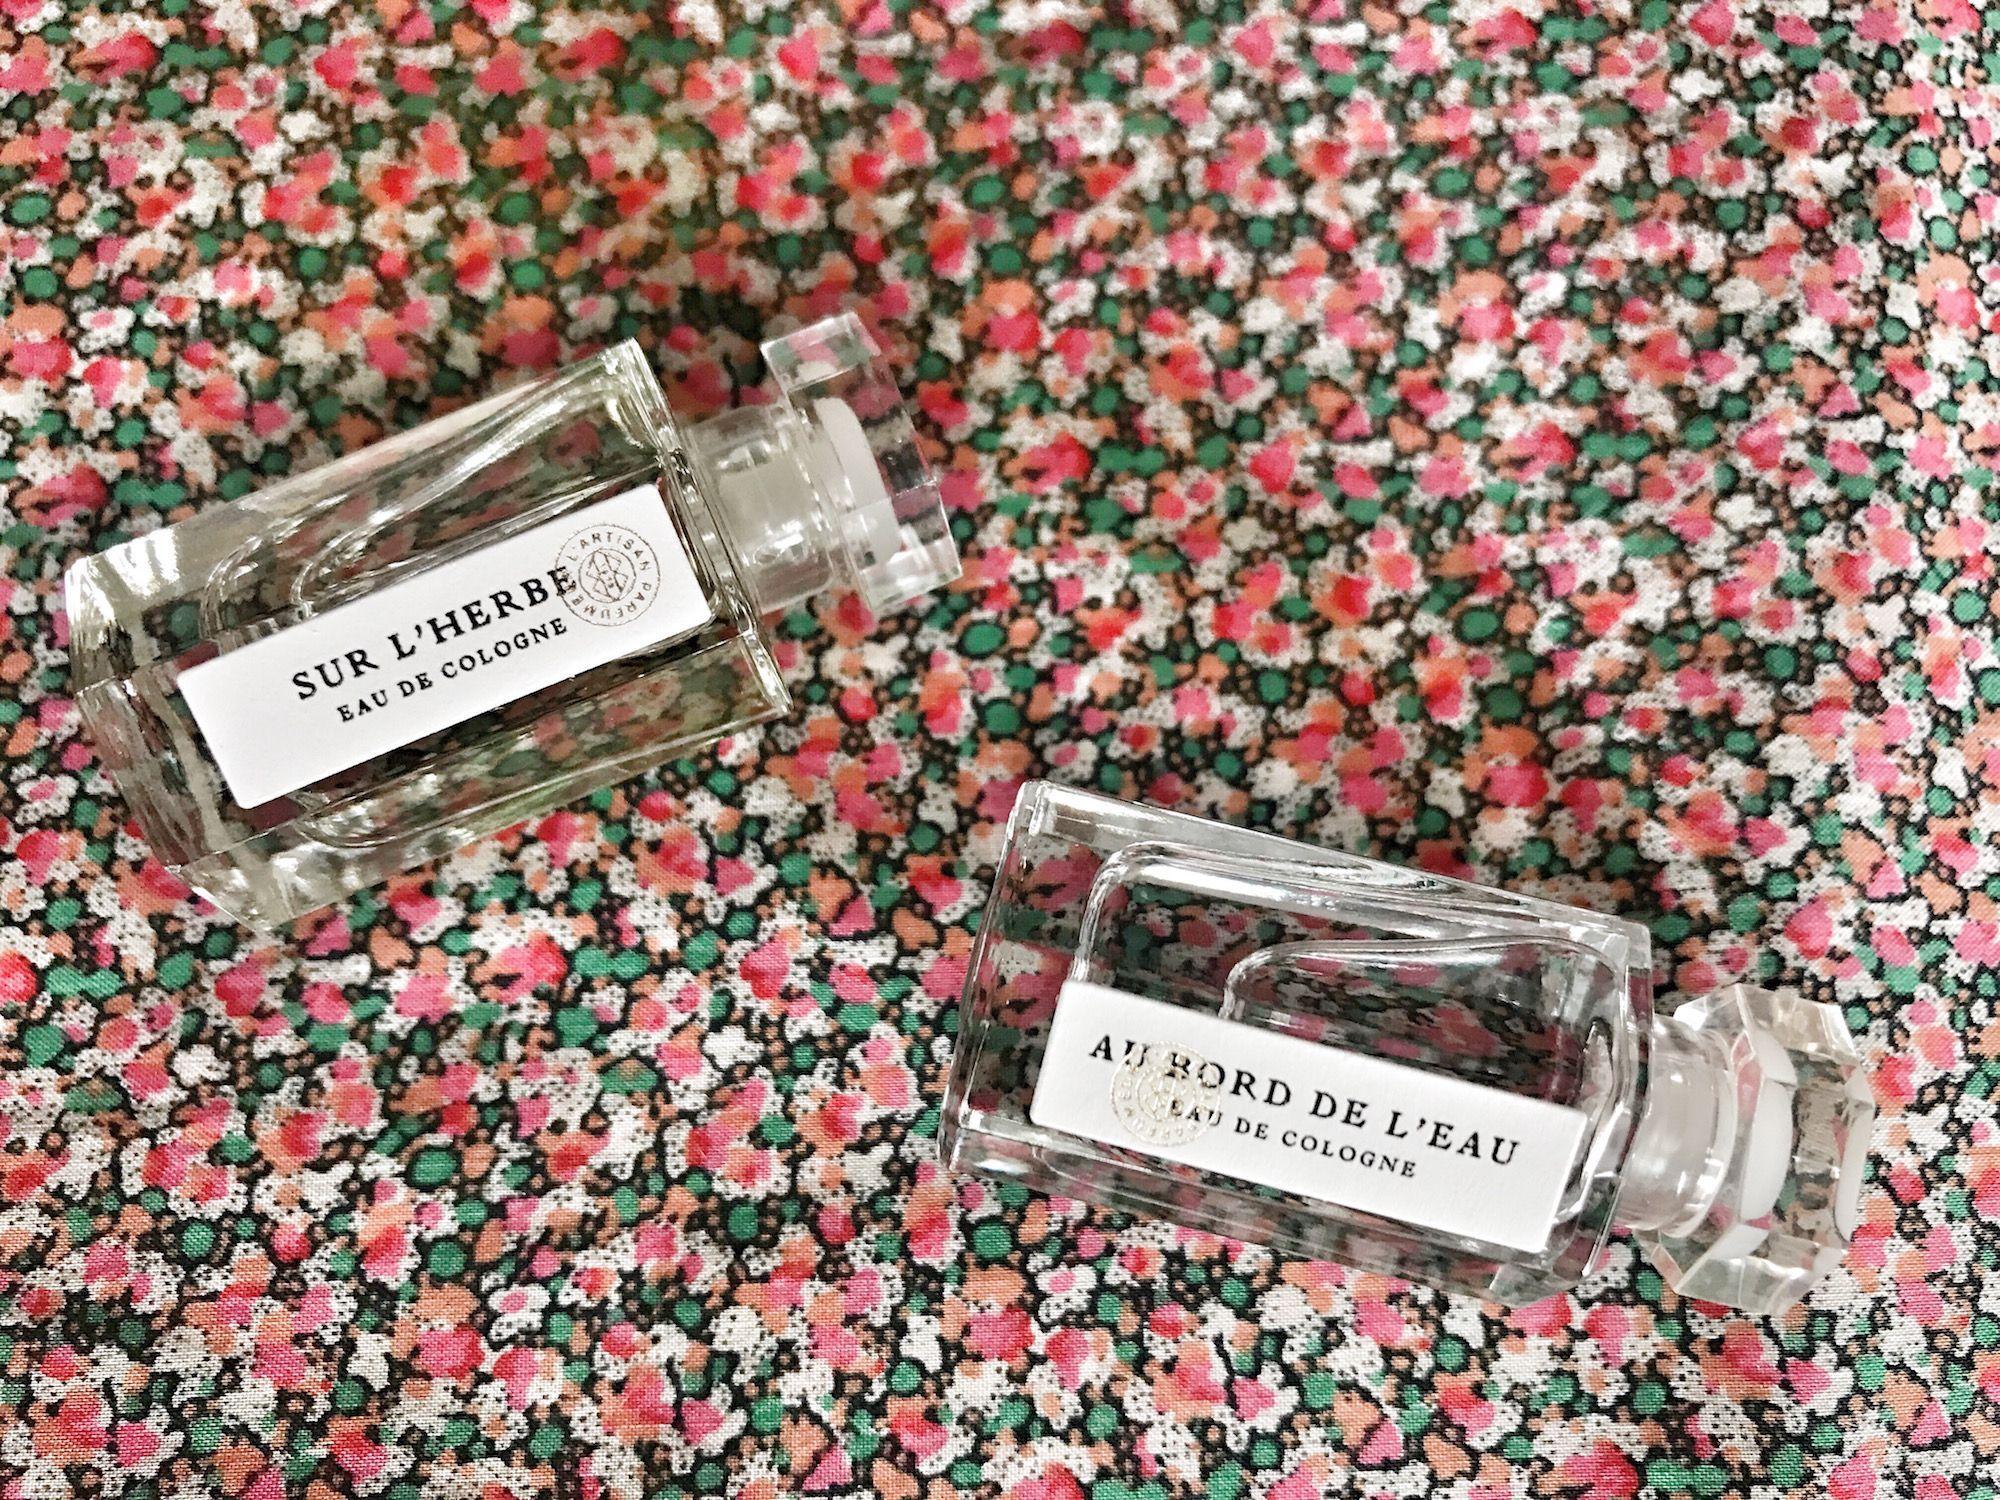 Le colonie de L'artisan Parfumeur